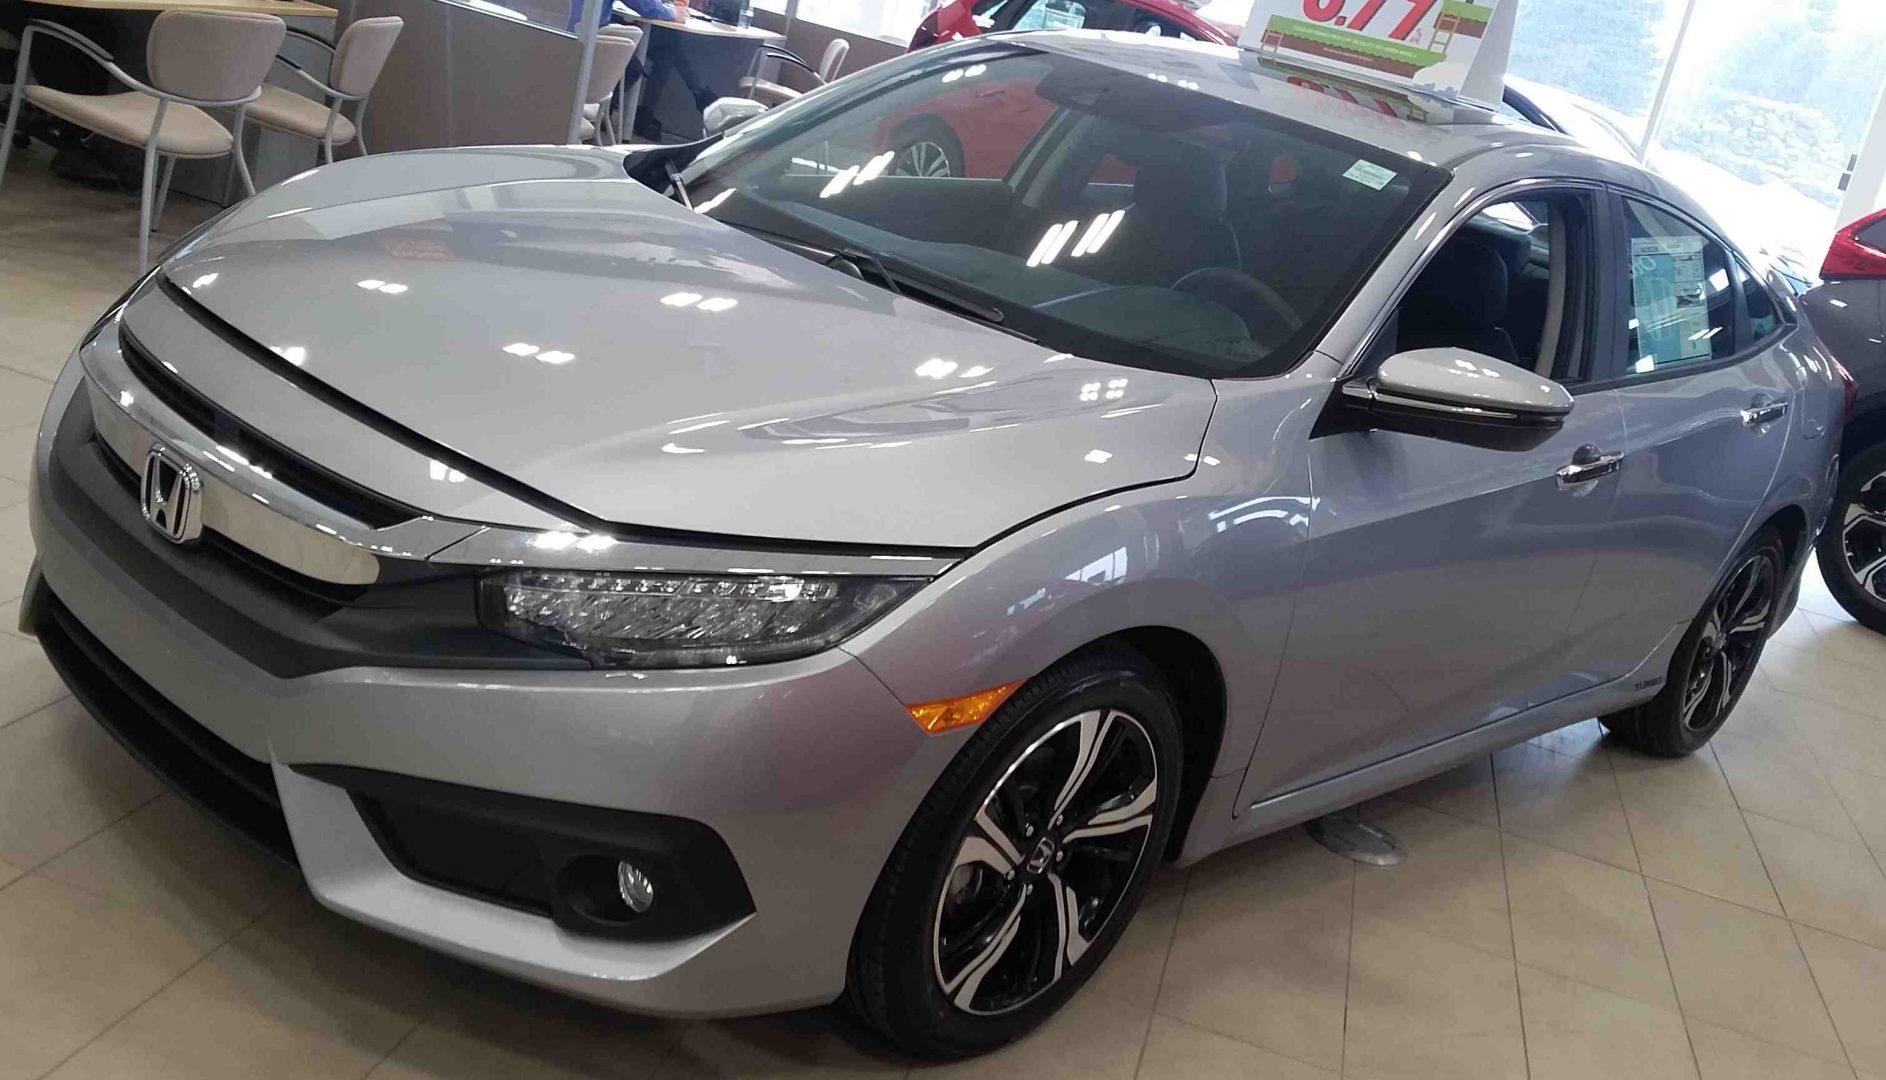 2017 Civic Touring Sedan